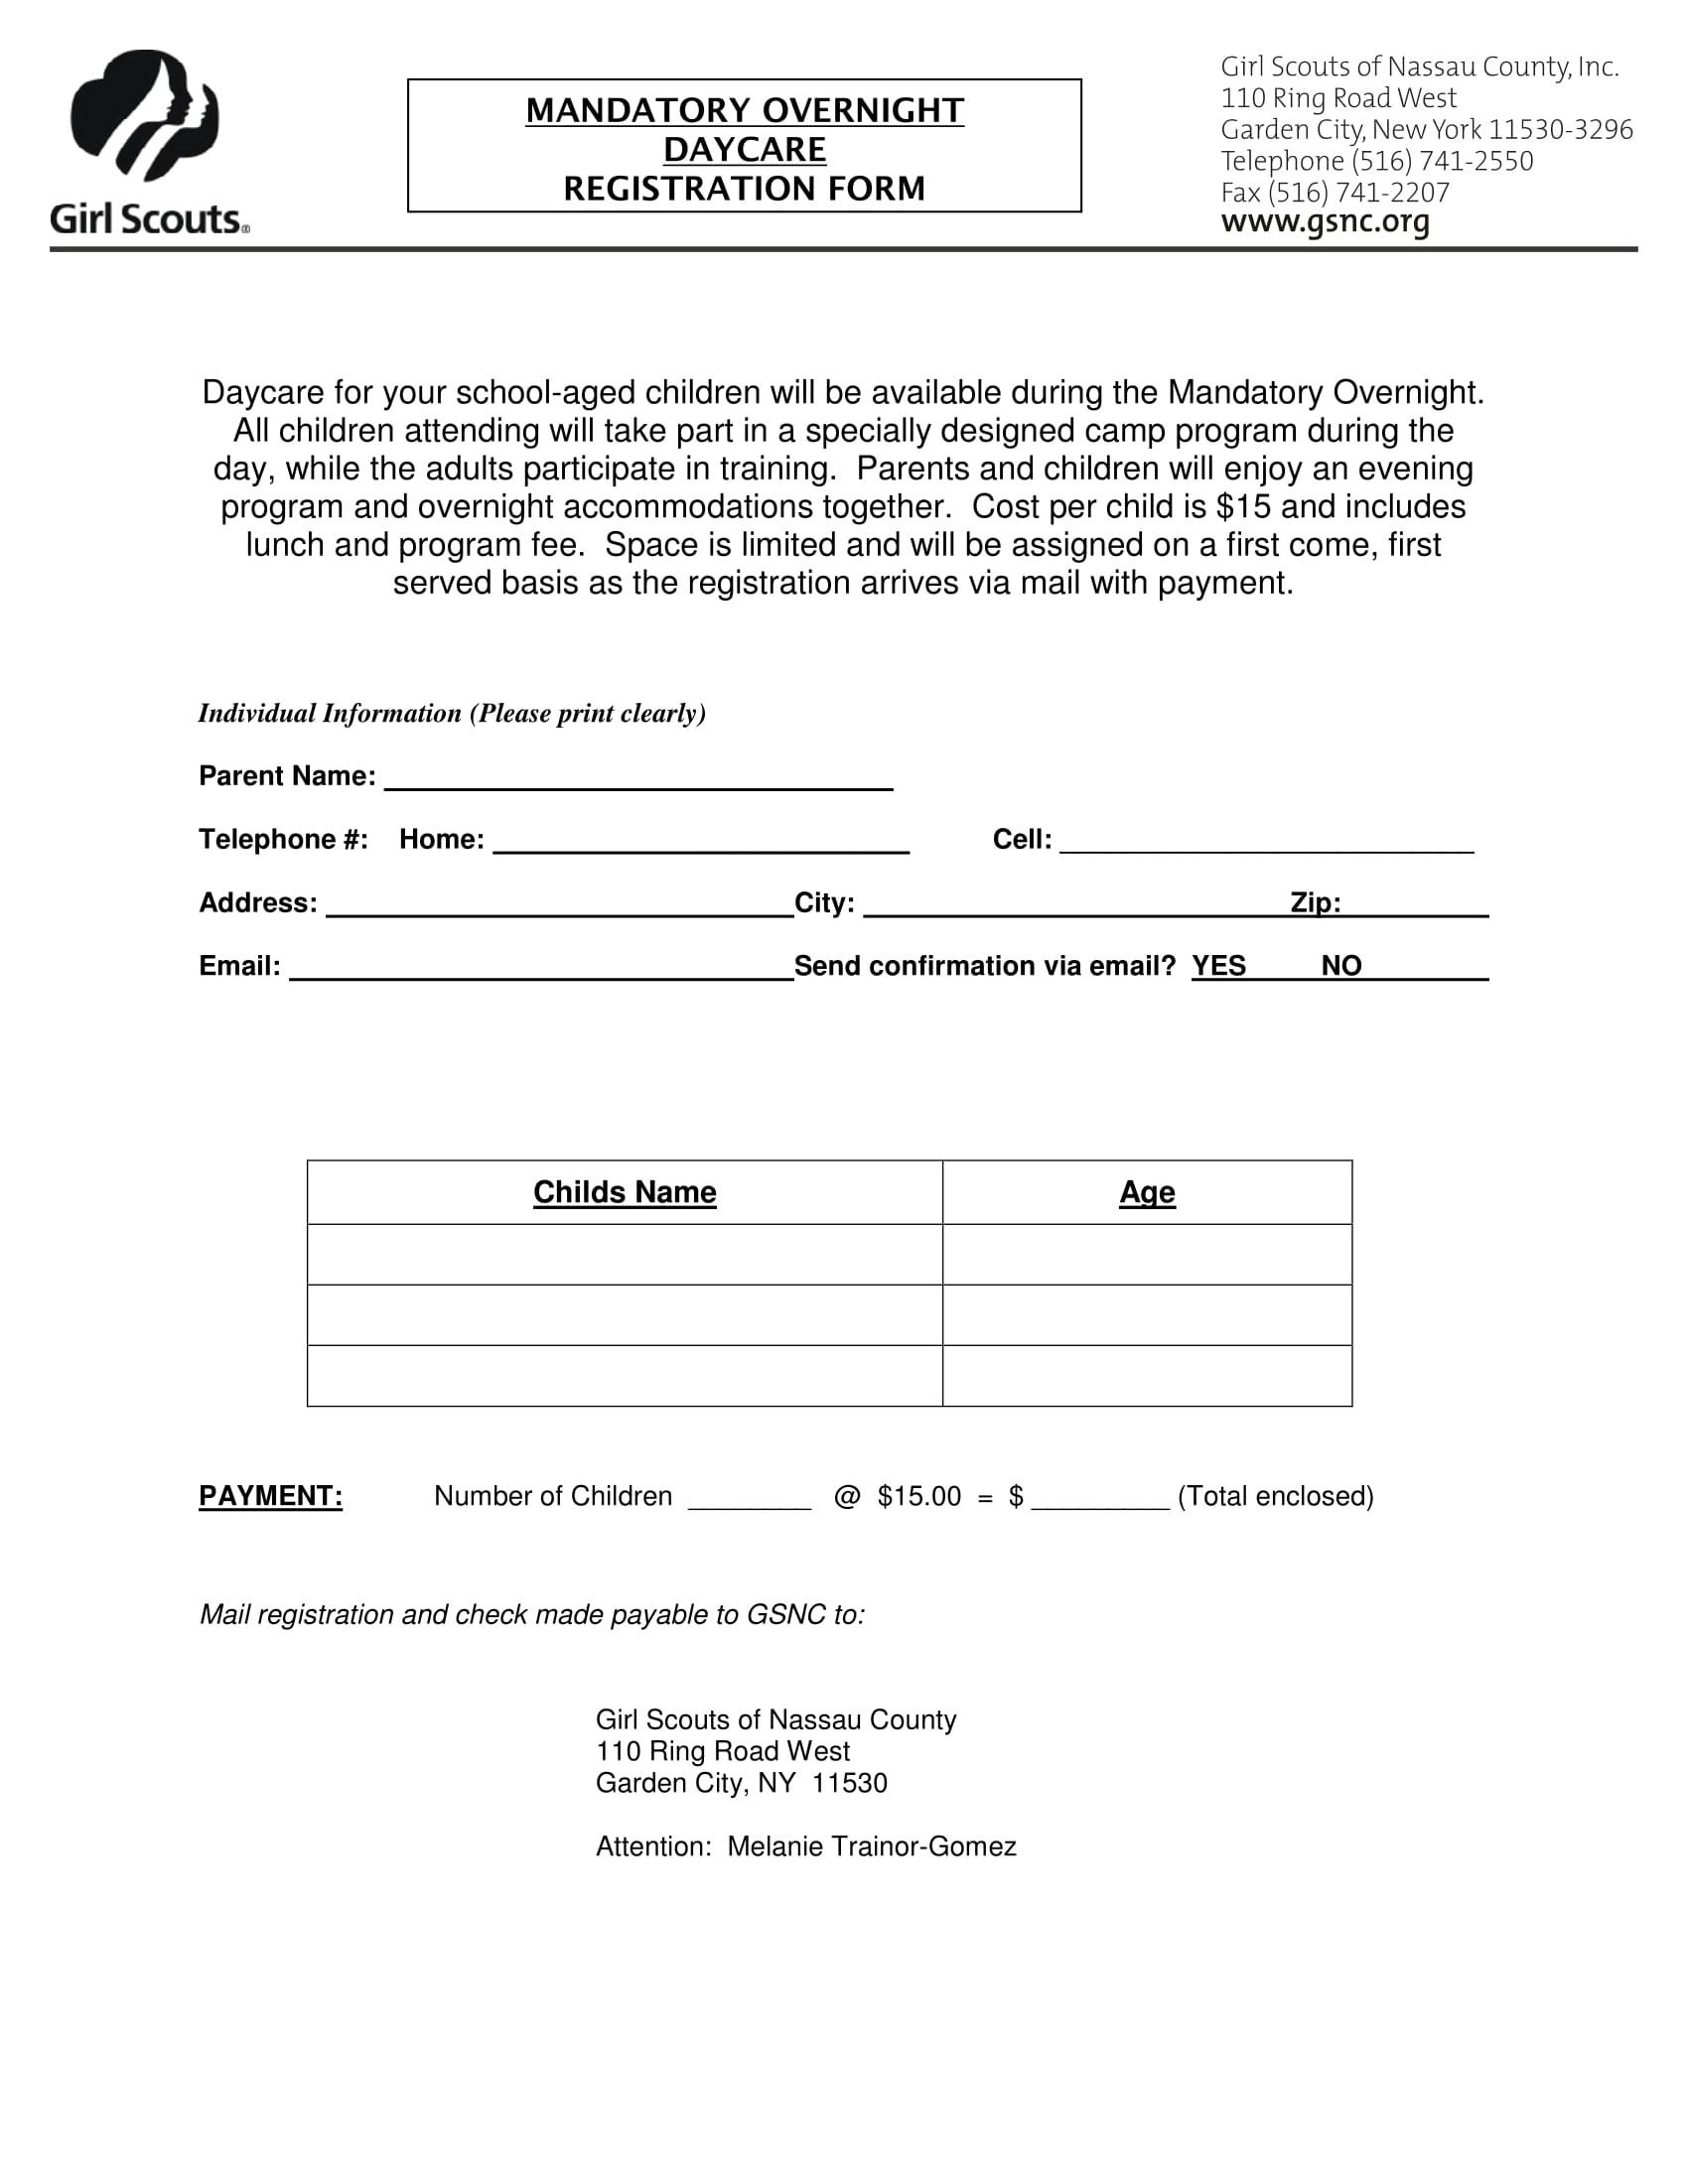 Daycare Registration Forms Samples